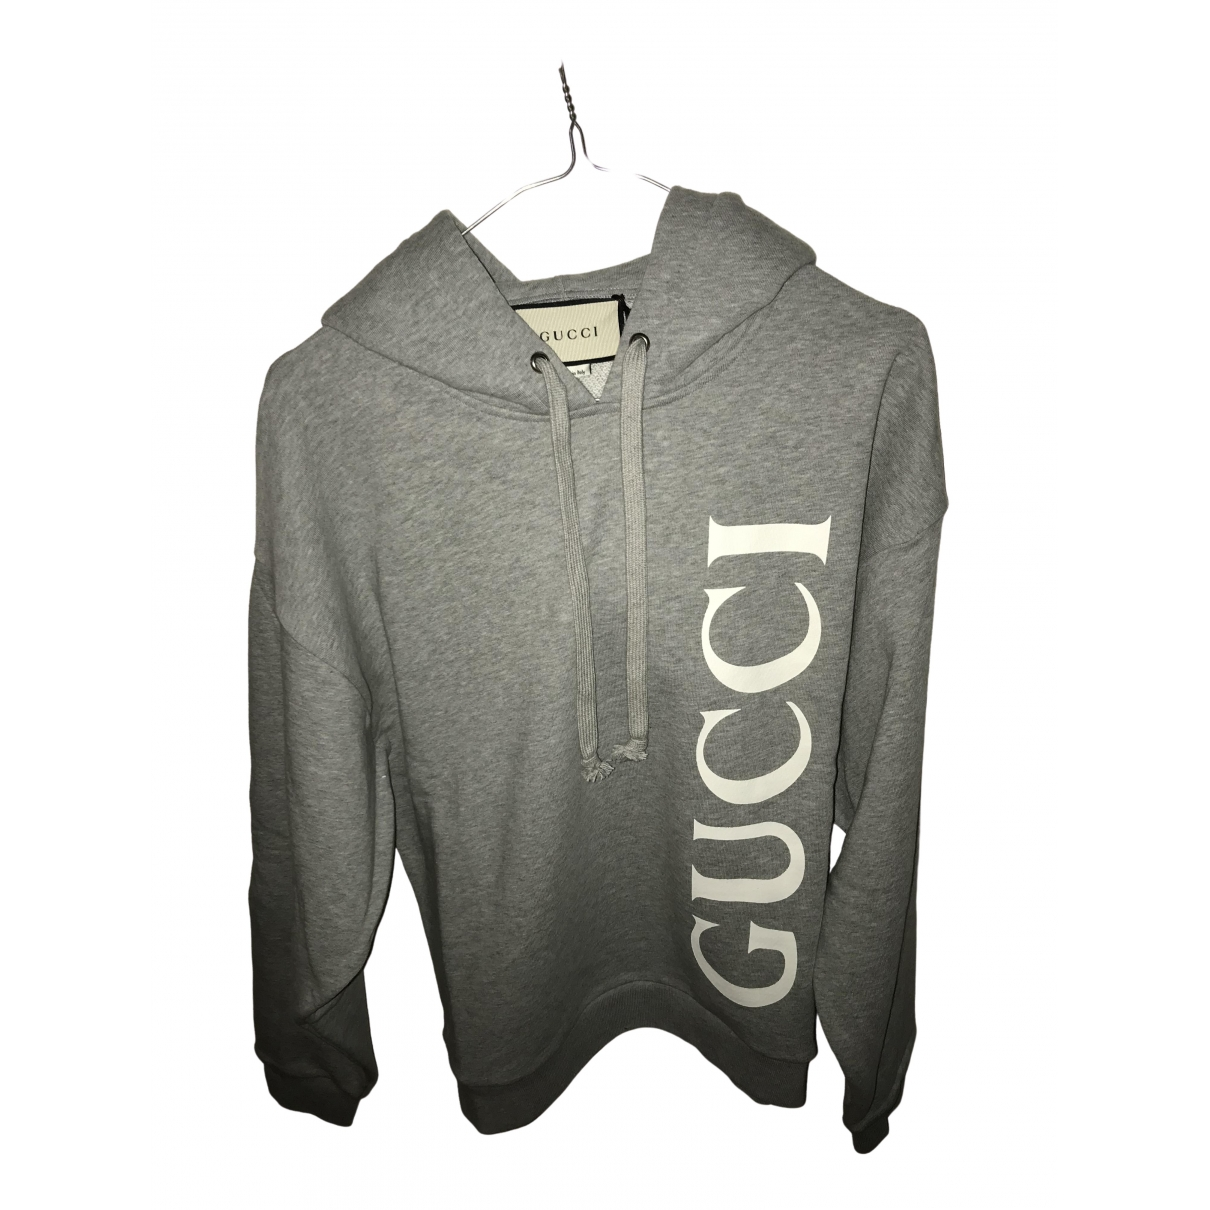 Gucci \N Grey Cotton Knitwear & Sweatshirts for Men XL International